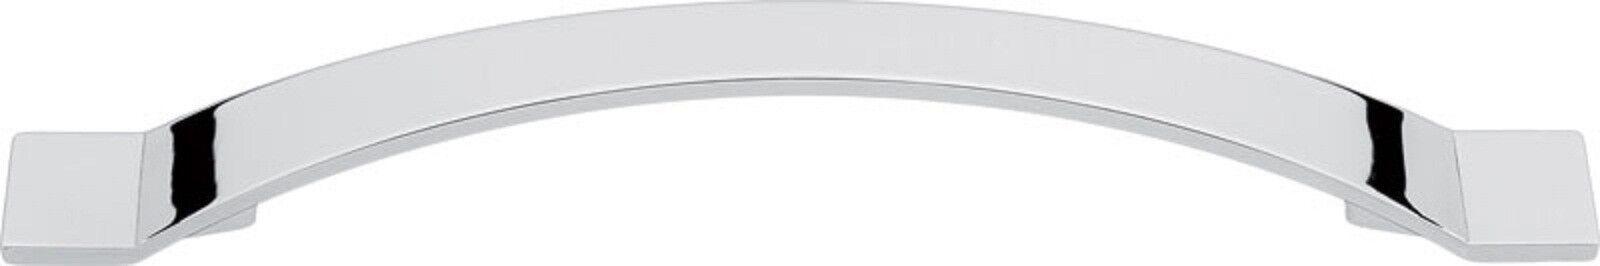 Obvillion Pull Handle For Kitchen Bedroom Cabinet Door Cupboard Drawe Handle